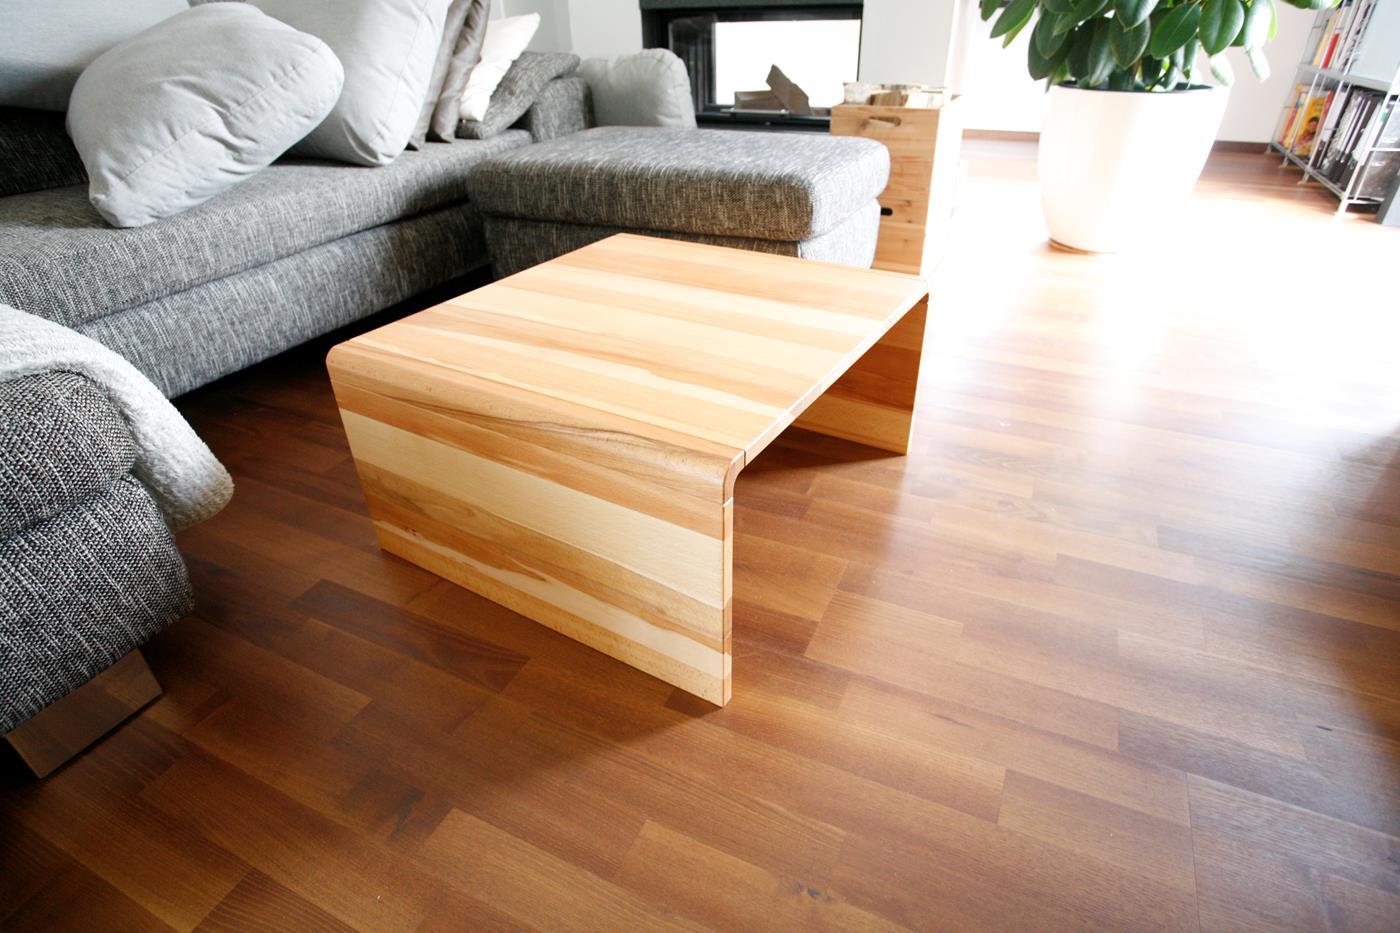 auf der suche nach einem passgenauen tisch f r ihr eigenheim. Black Bedroom Furniture Sets. Home Design Ideas